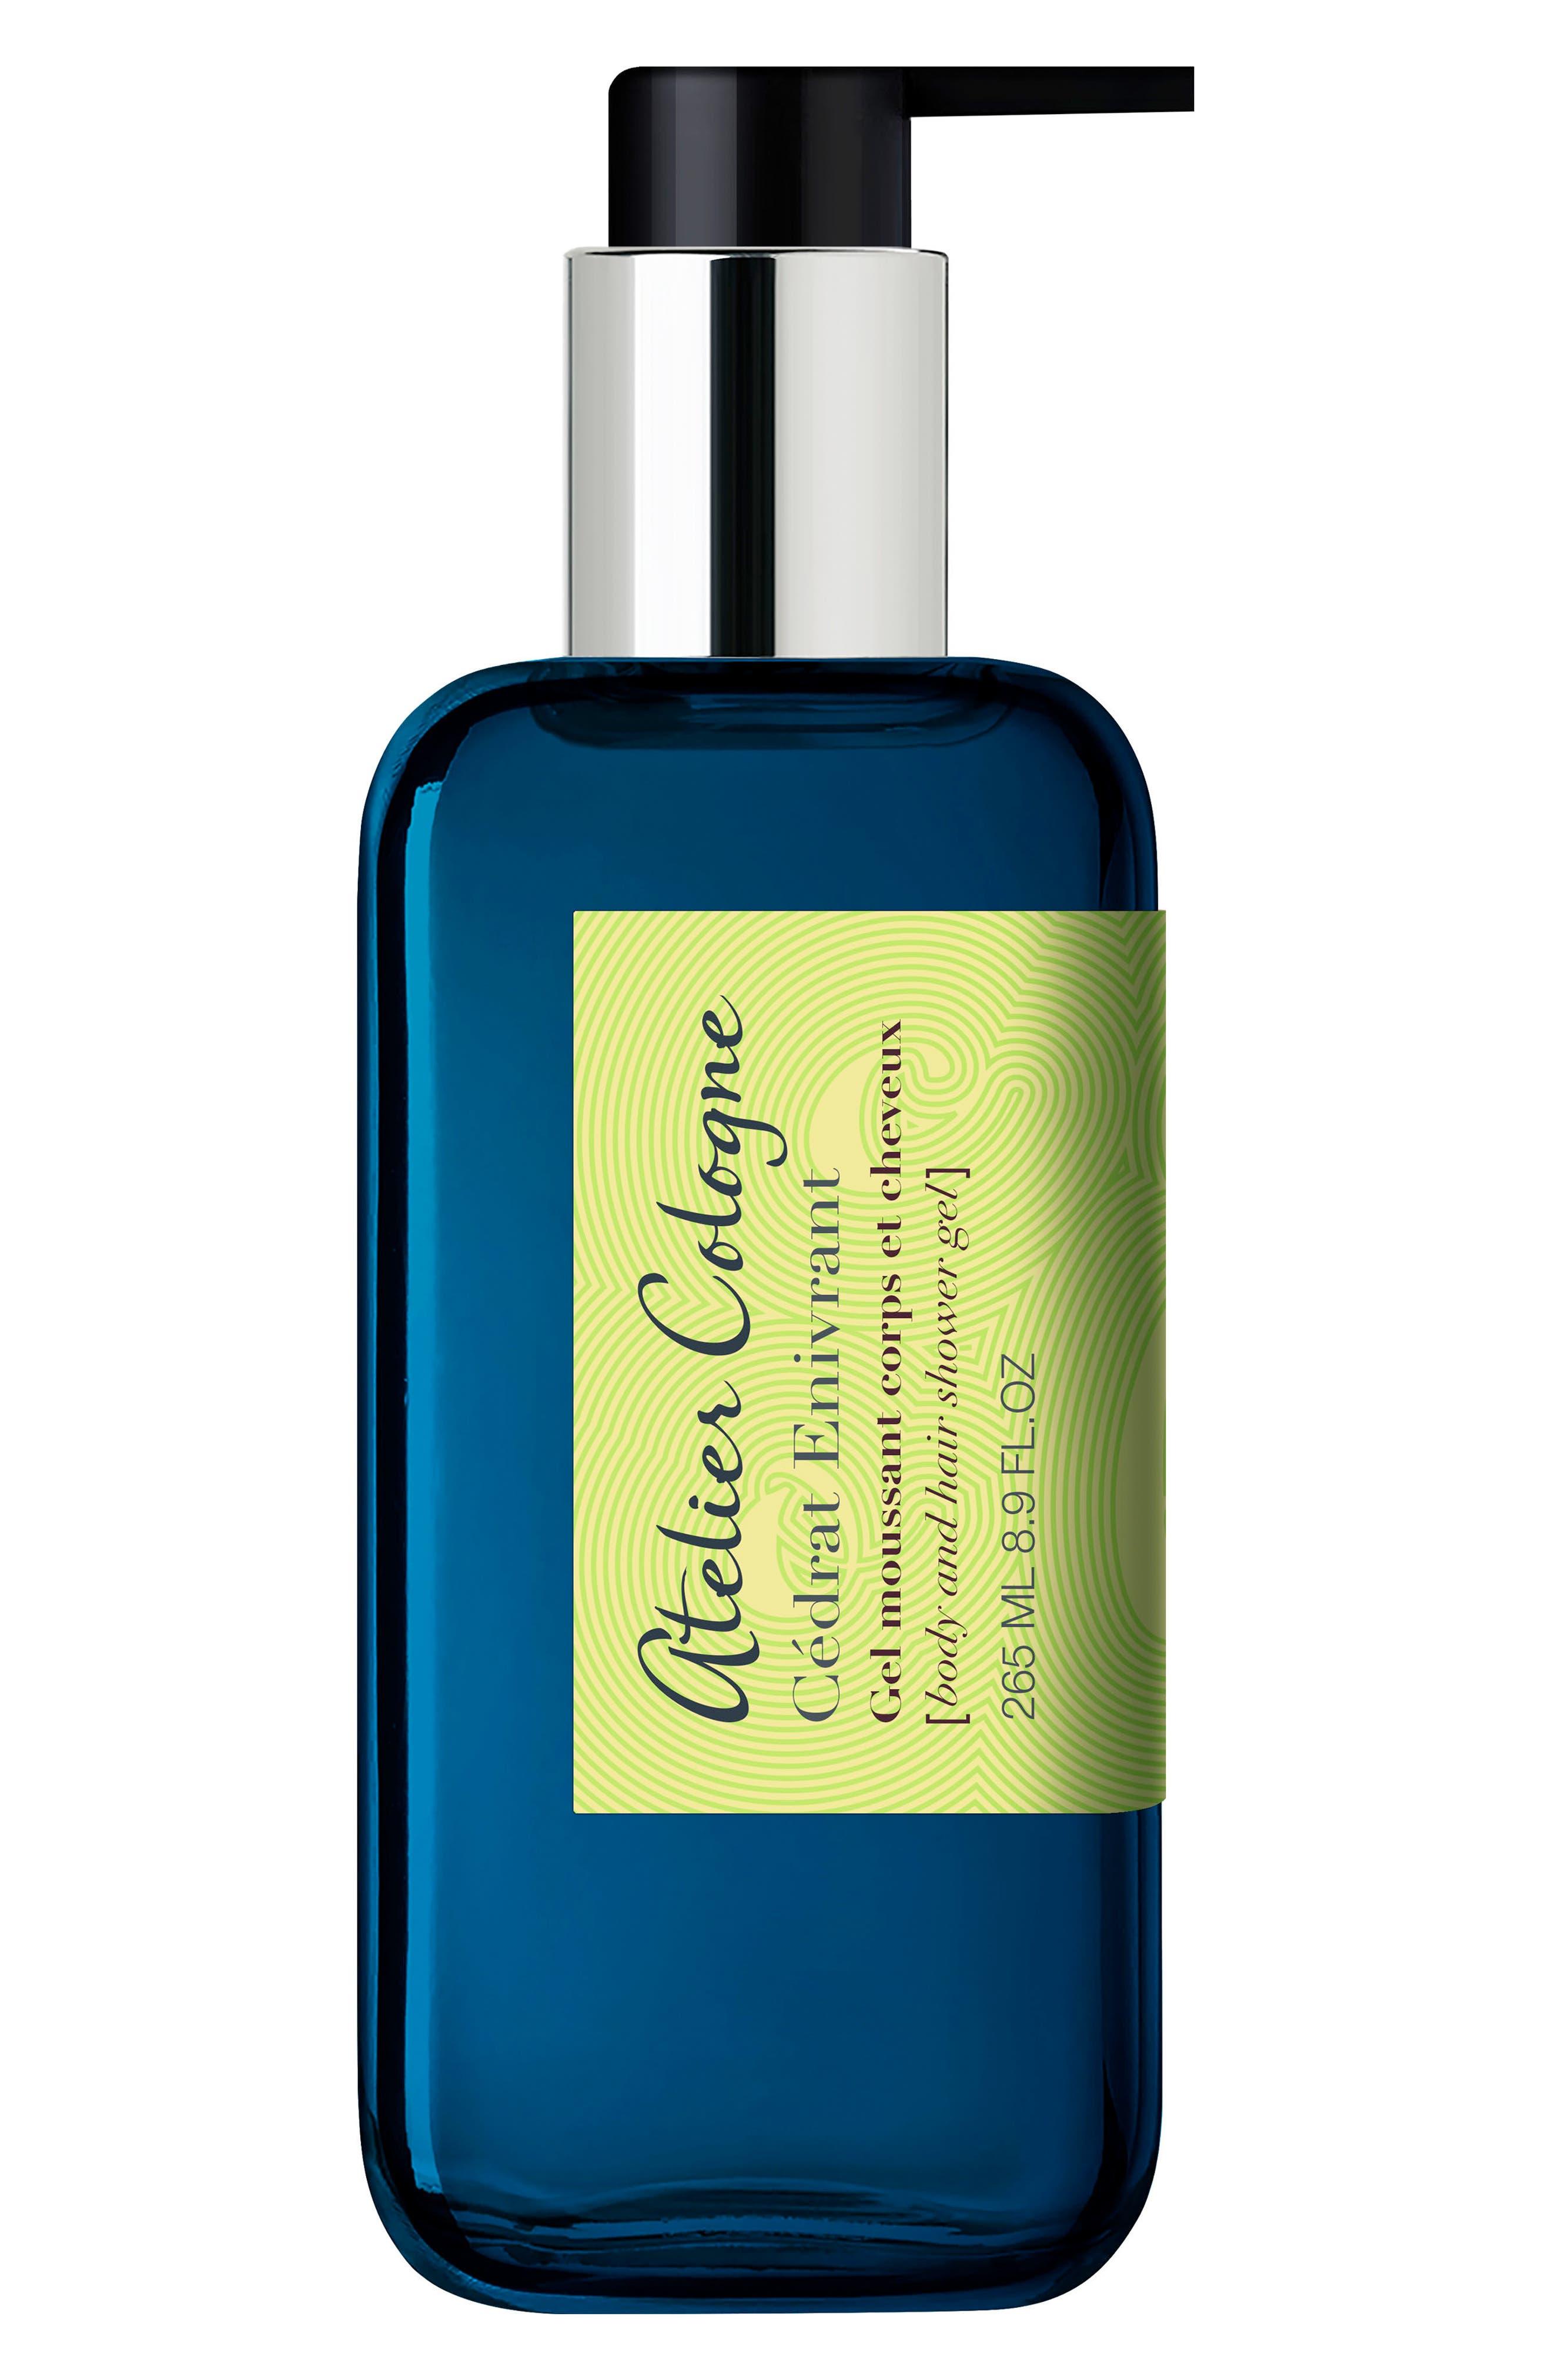 Alternate Image 1 Selected - Atelier Cologne Cédrat Envirant Body & Hair Shower Gel